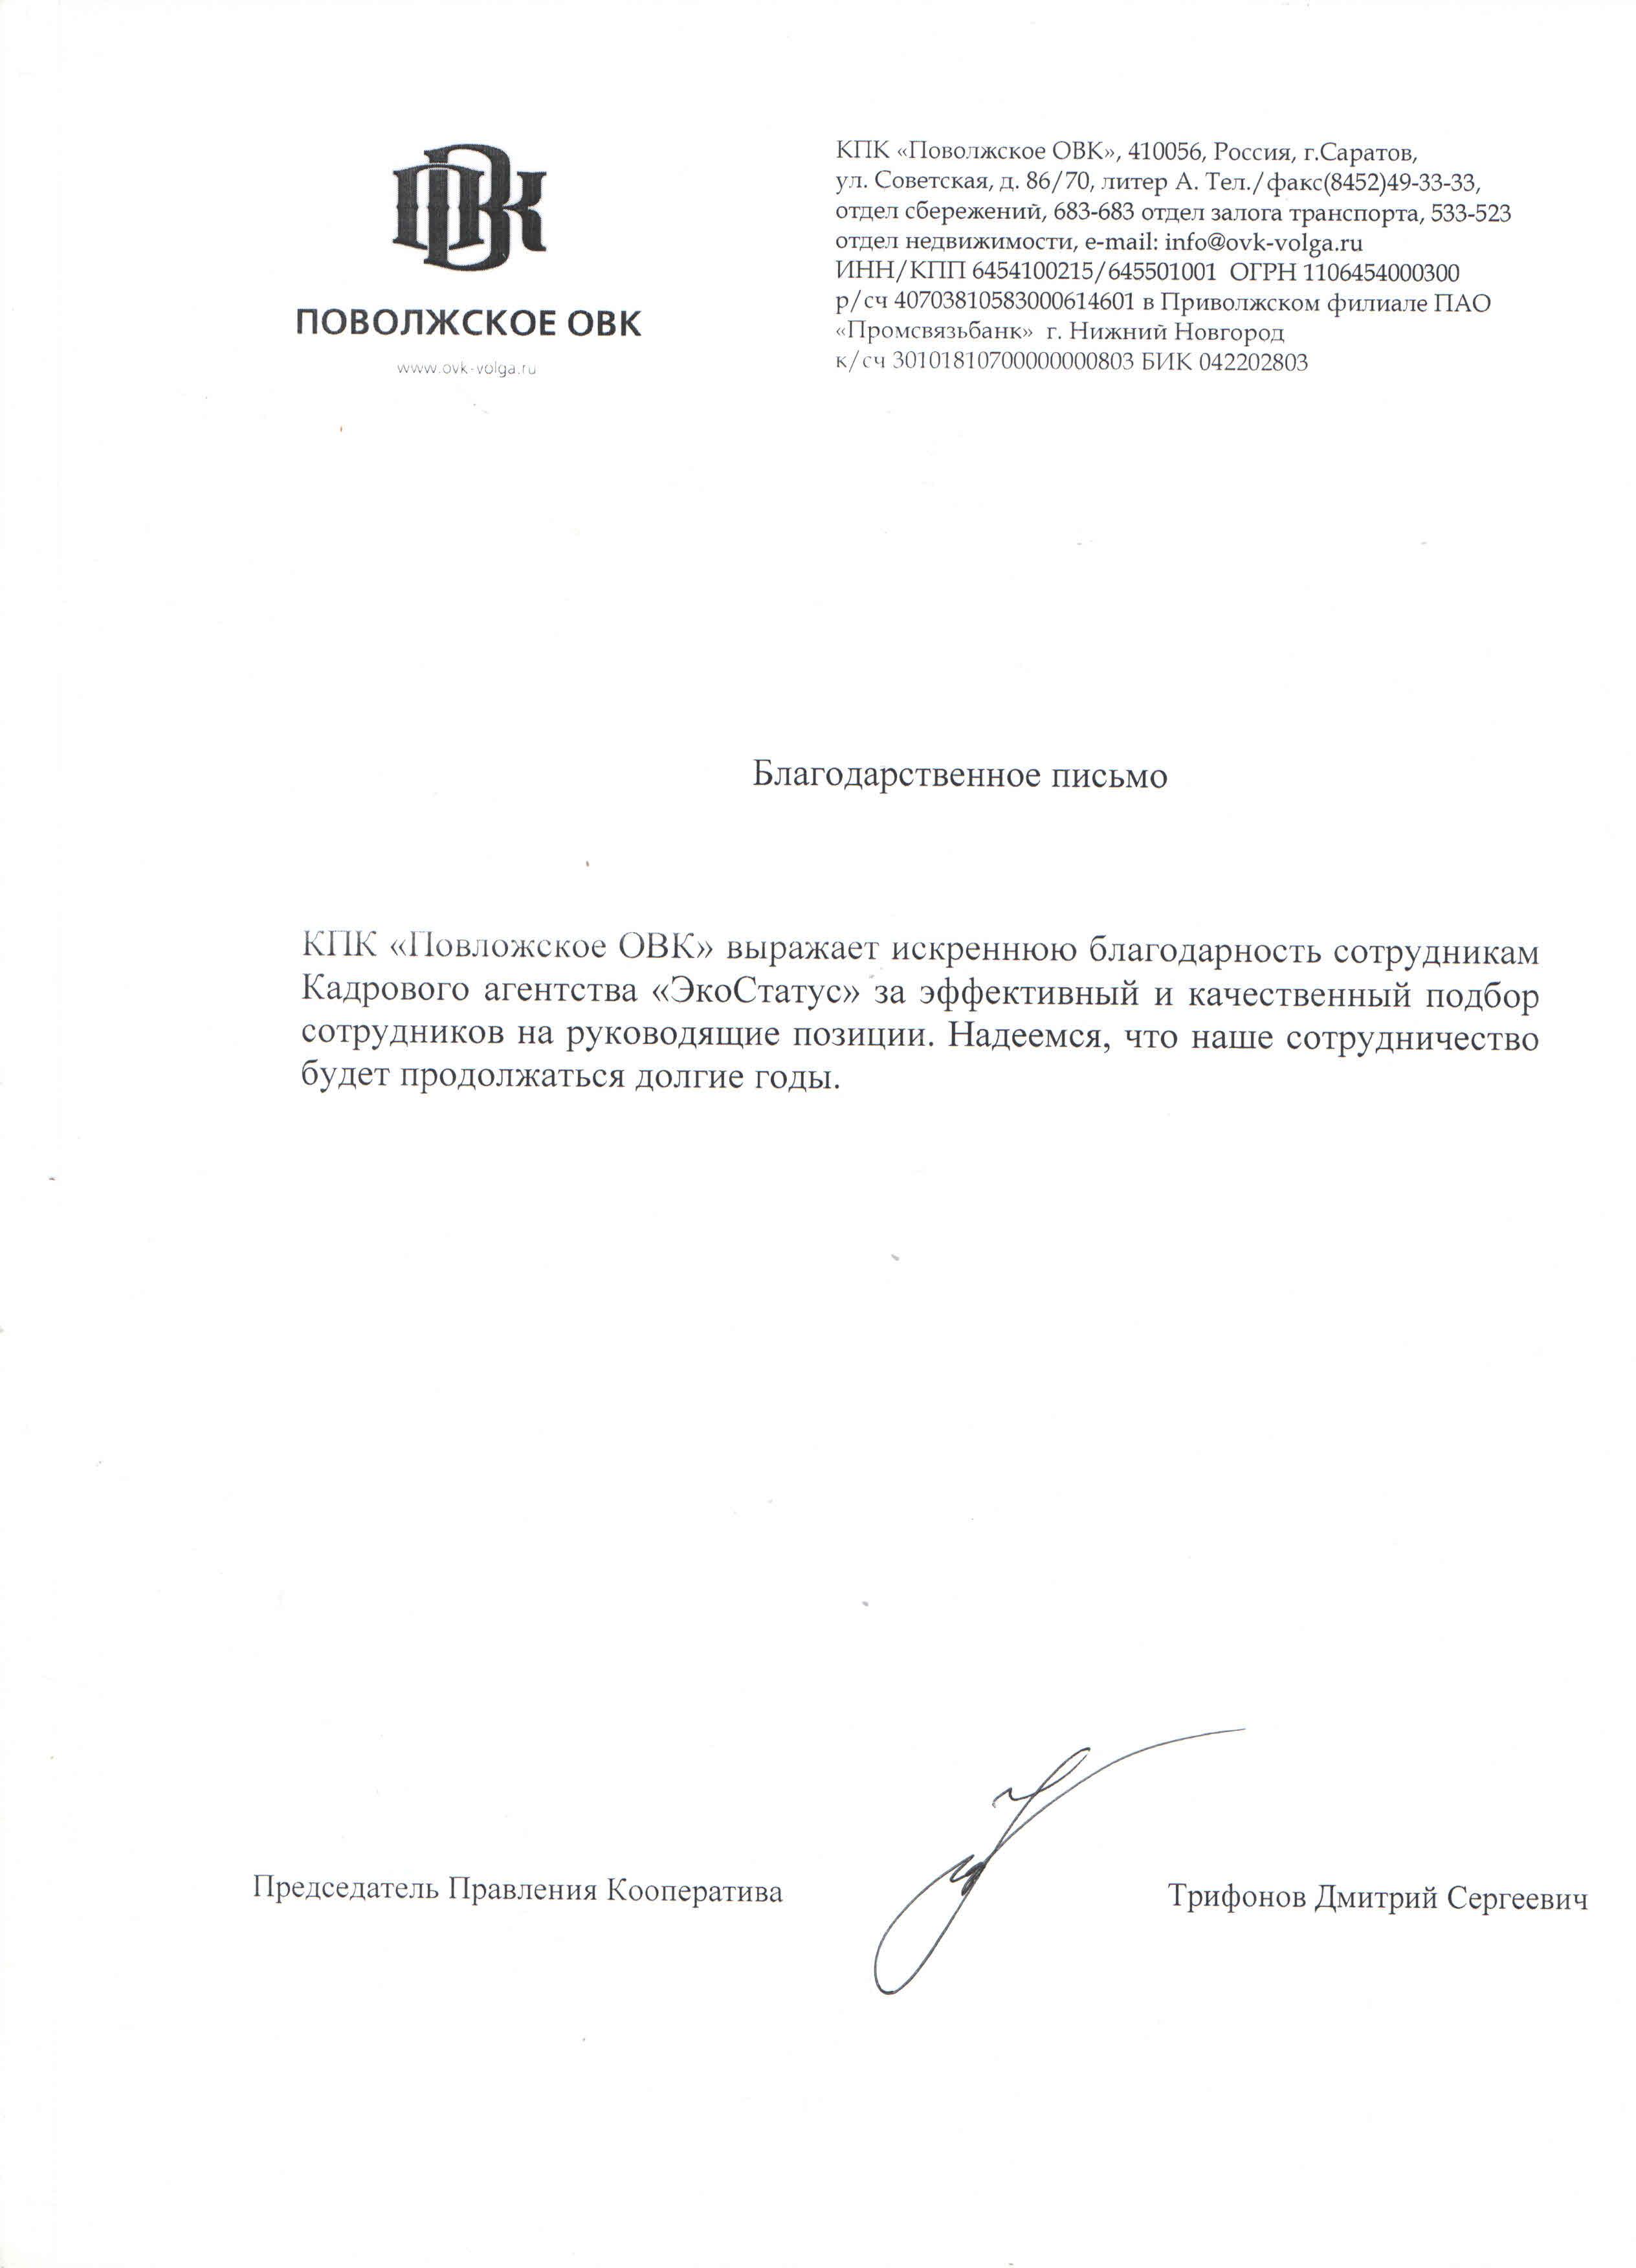 Благодарственное письмо от Поволжкого ОВК